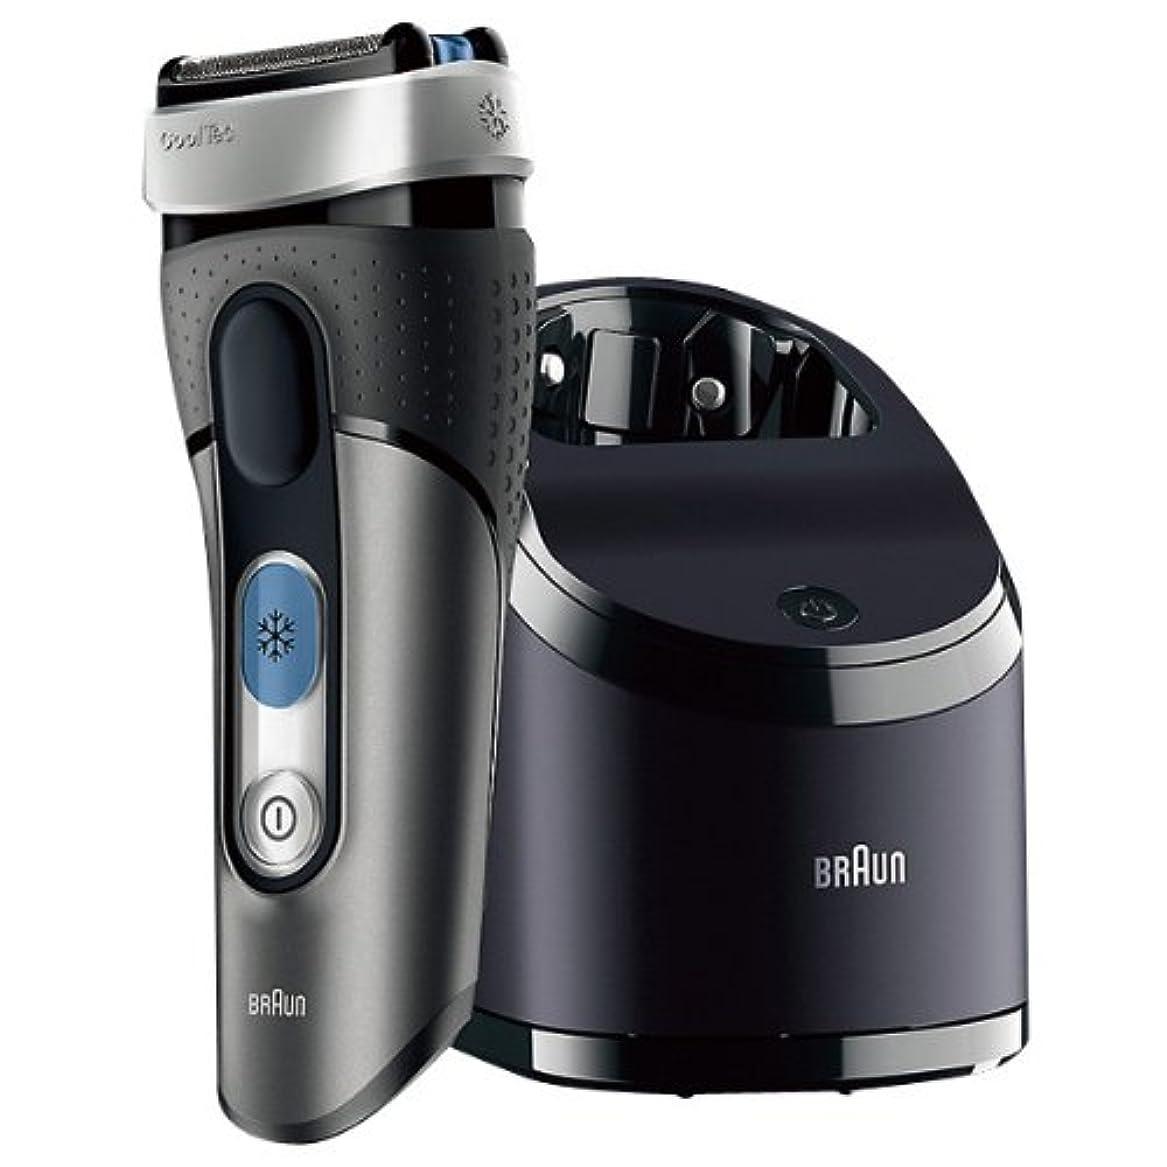 作詞家測定可能一般的に言えばブラウン シェーバー Cool Tec(クールテック) エディオンオリジナルカラー 冷却ヘッドテクノロジー搭載 自動アルコール洗浄器付 CT3CCE9